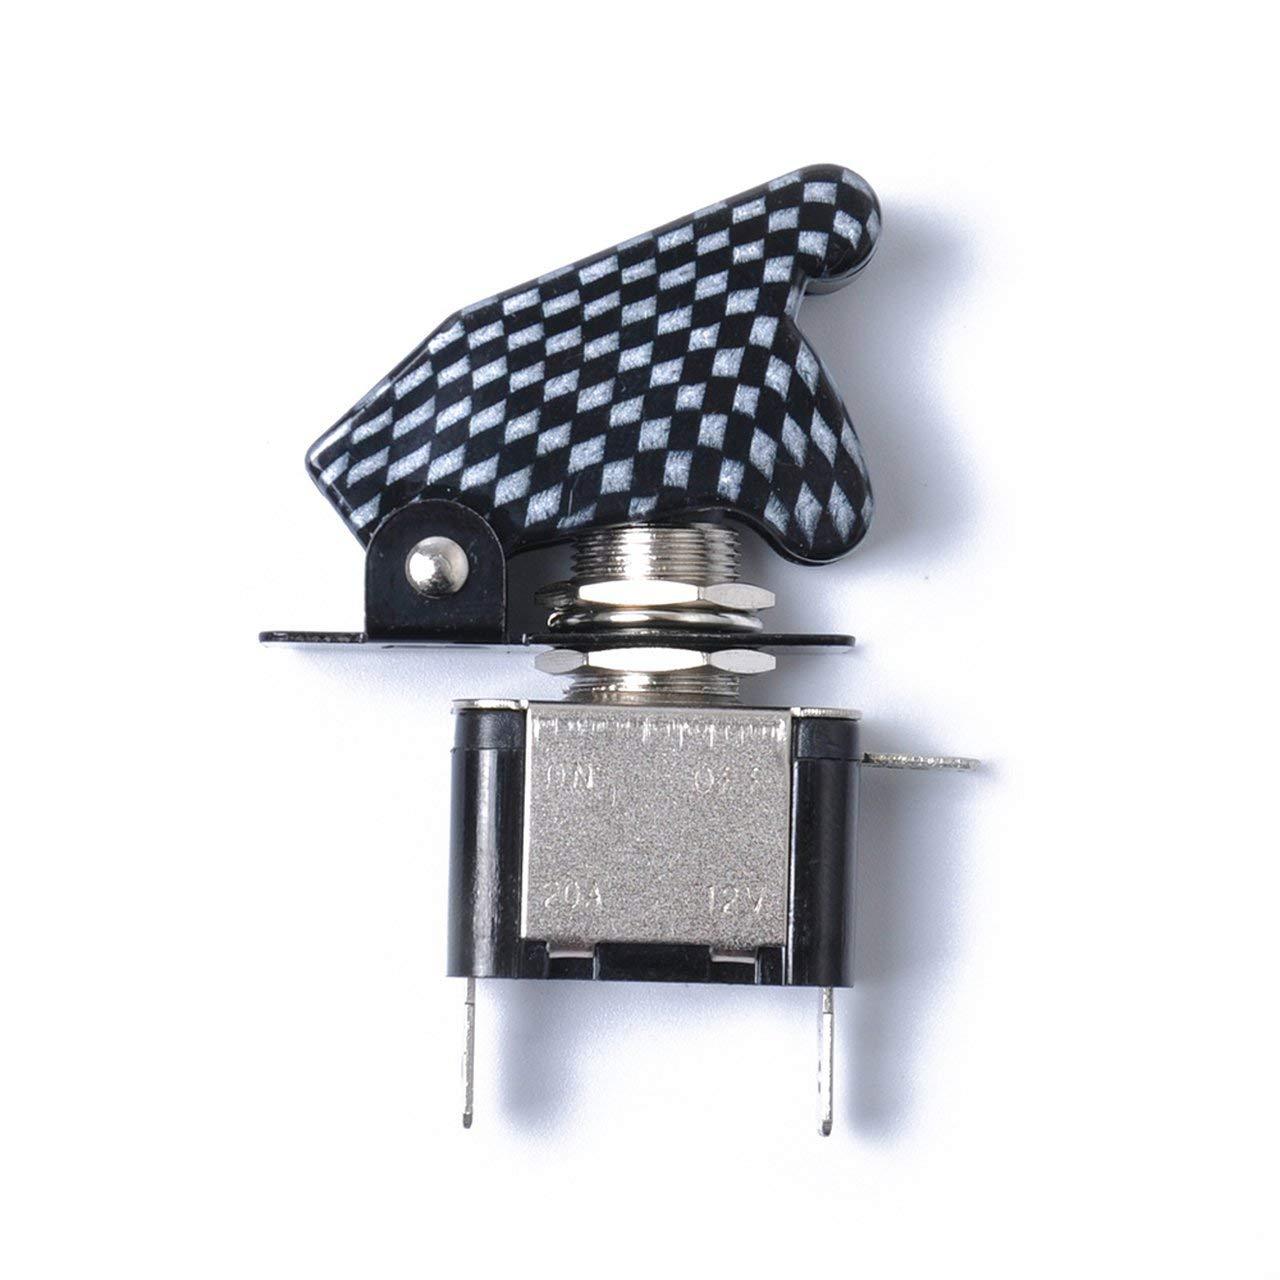 Jasnyfall Argento DC12V 20A LED Illuminato Interruttore a levetta Interruttore a levetta ON//off LED Blu Interruttore a levetta con chiavistello